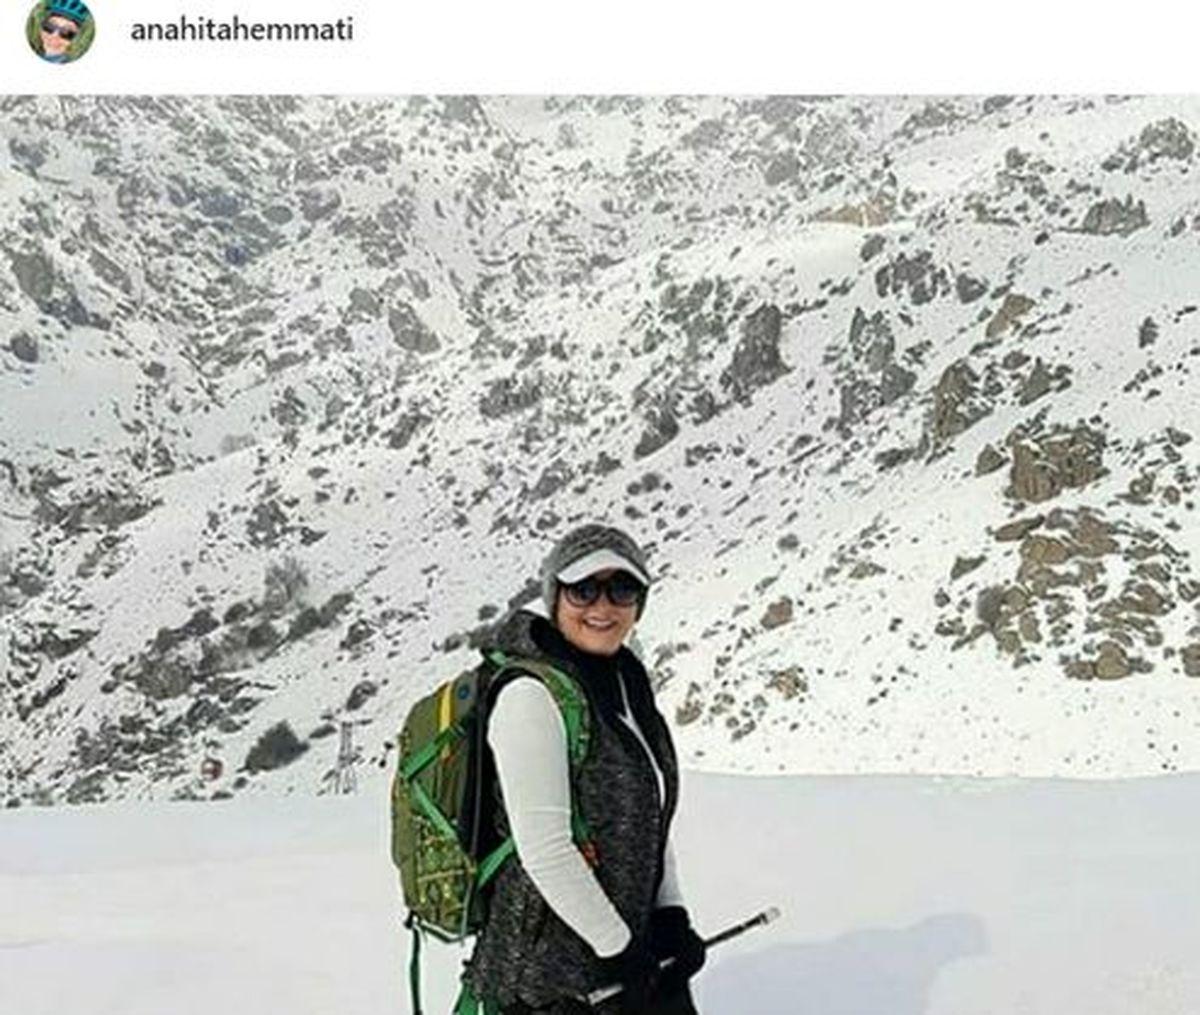 مادر کوهنورد بازیگر زن معروف ایرانی +عکس